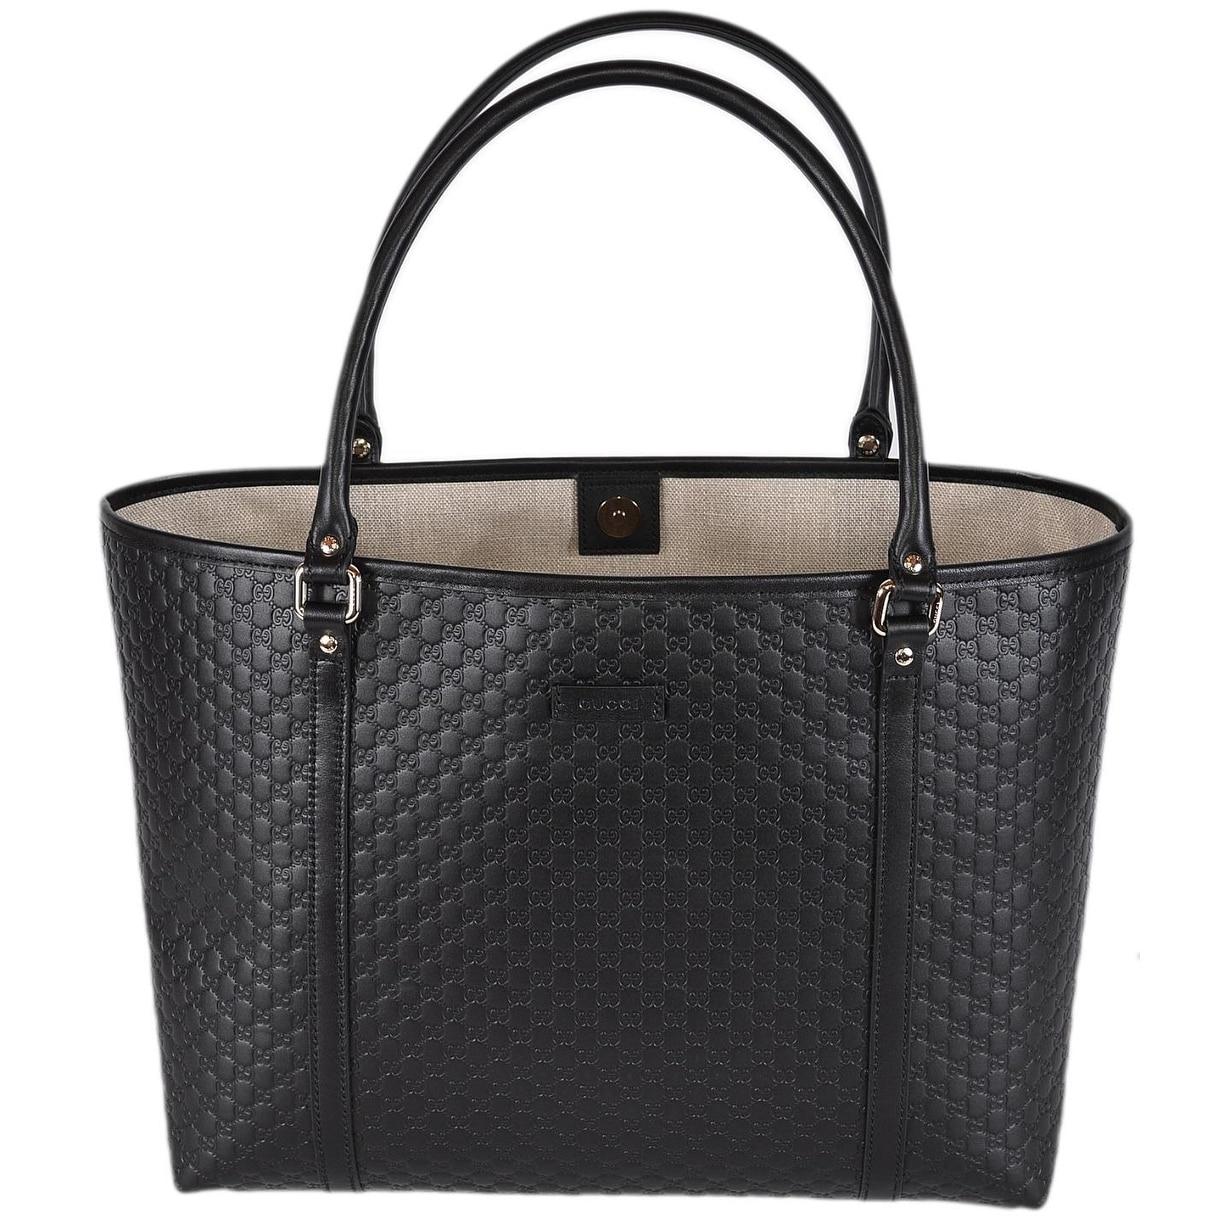 Gucci 449647 Black Leather Micro